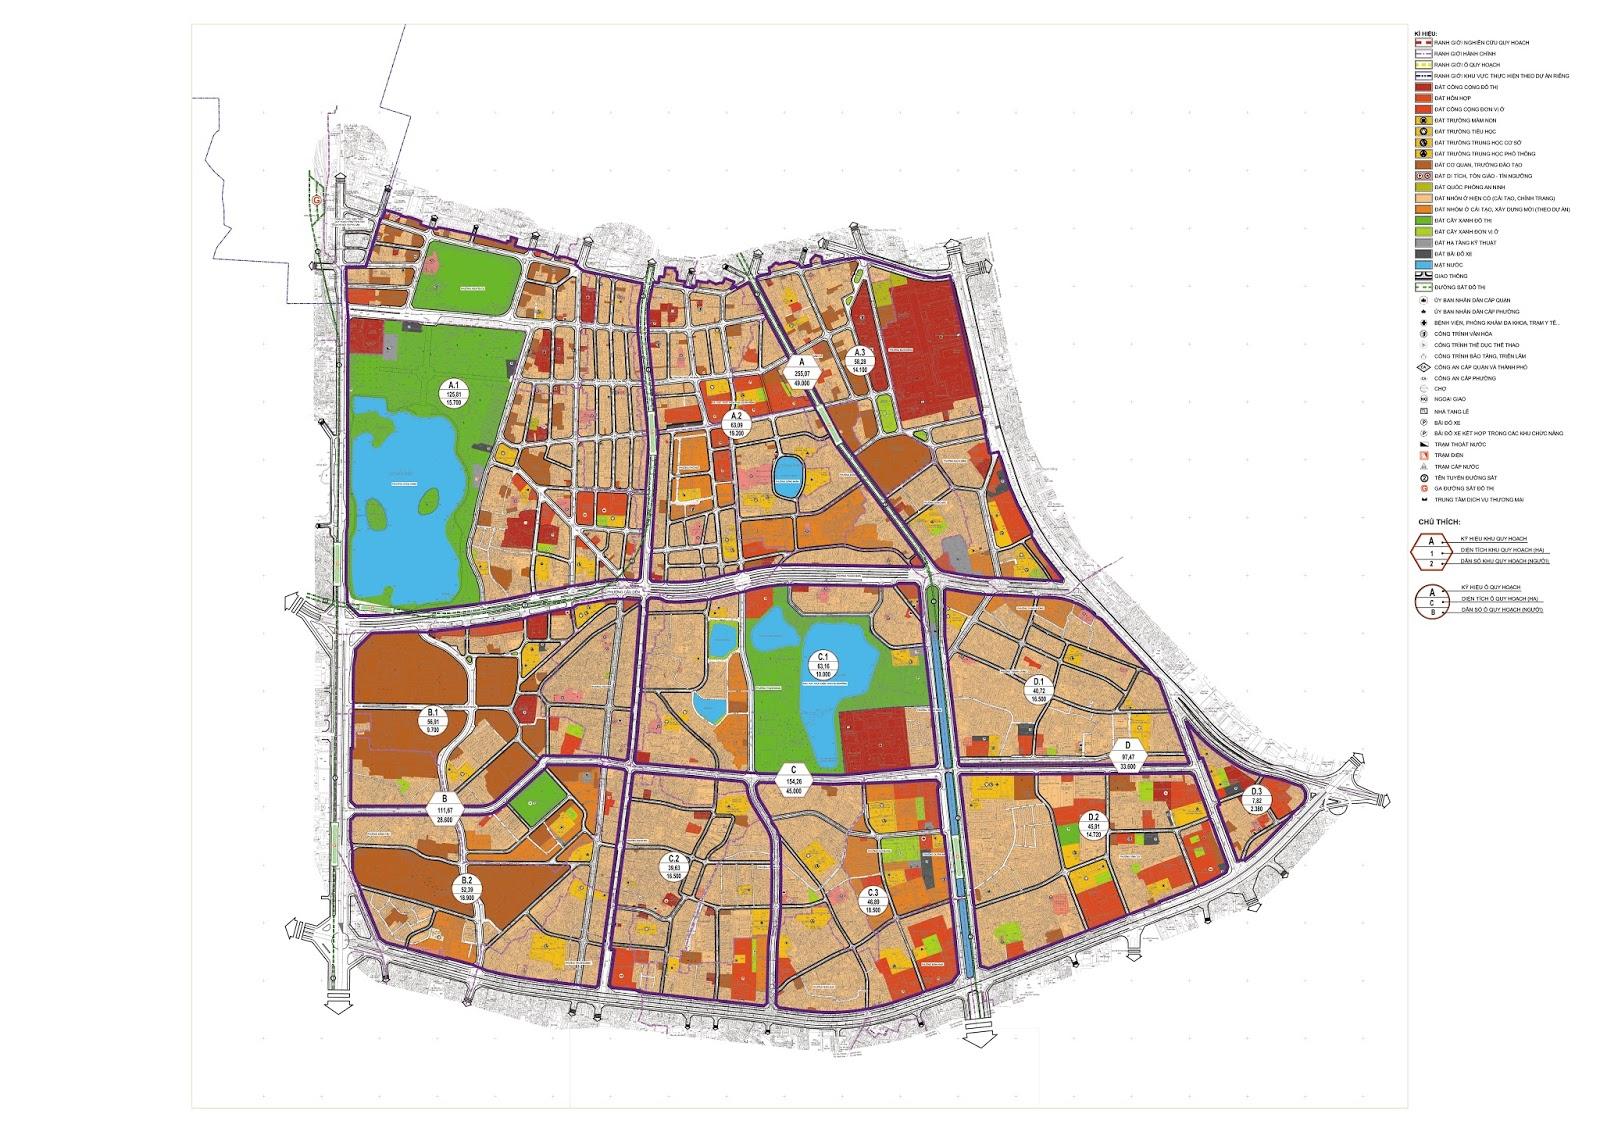 Bản đồ quy hoạch phân khu đô thị H1-4